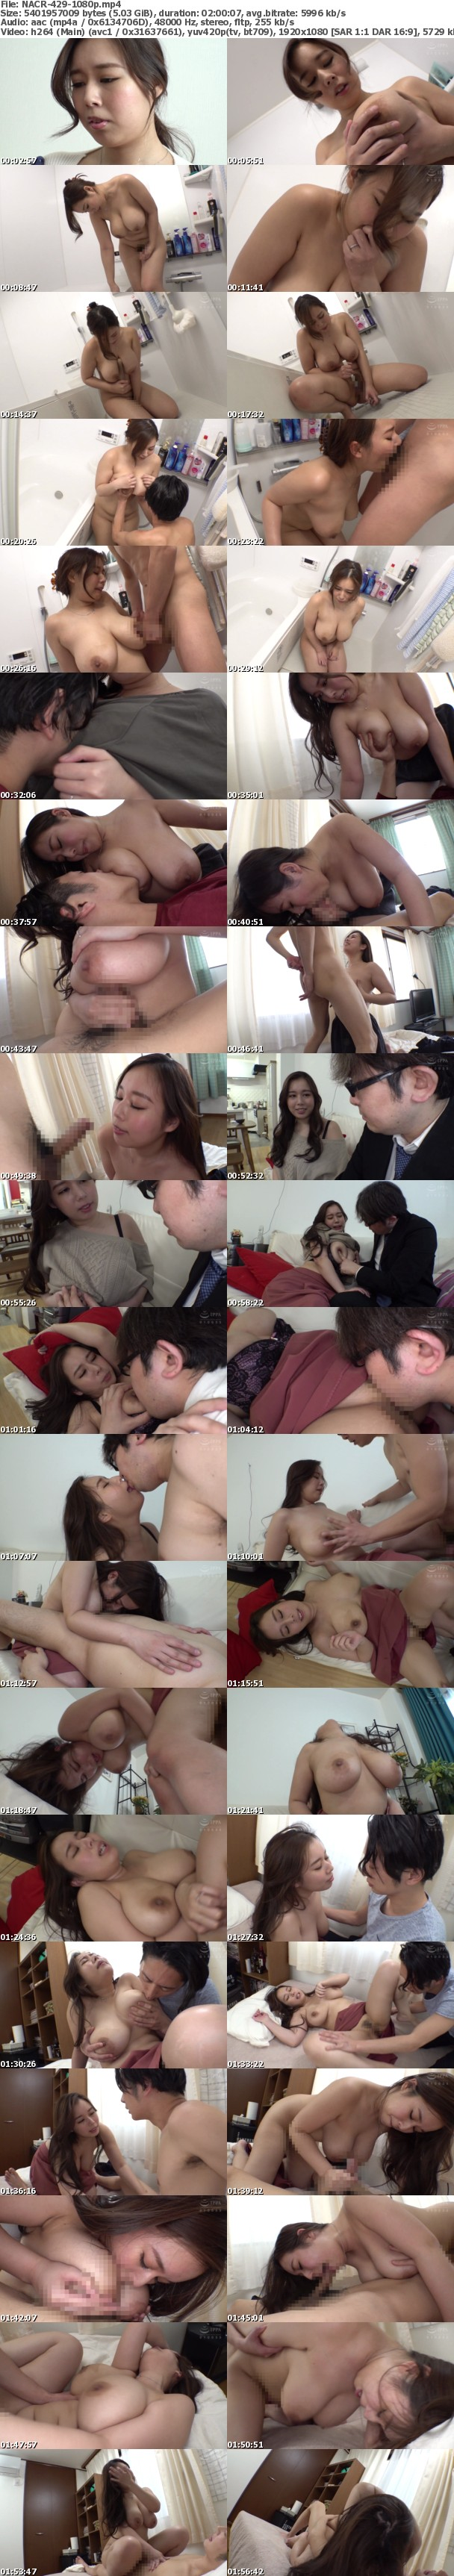 (Full HD) NACR-429 義母のおっぱいが気になって 塚田詩織